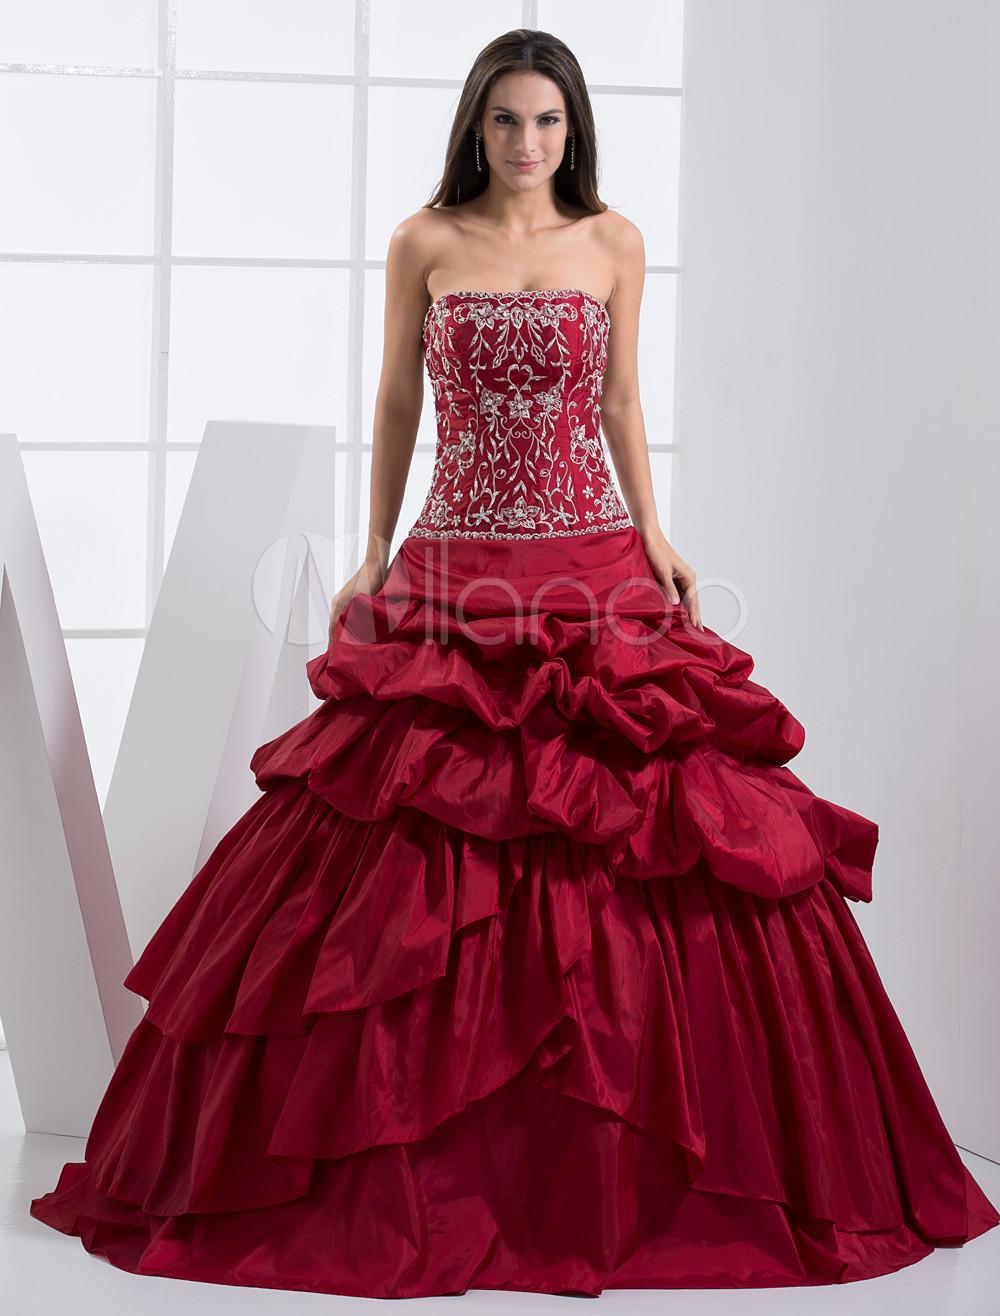 Burgundy Strapless Floor Length Beading Taffeta Ball Gown